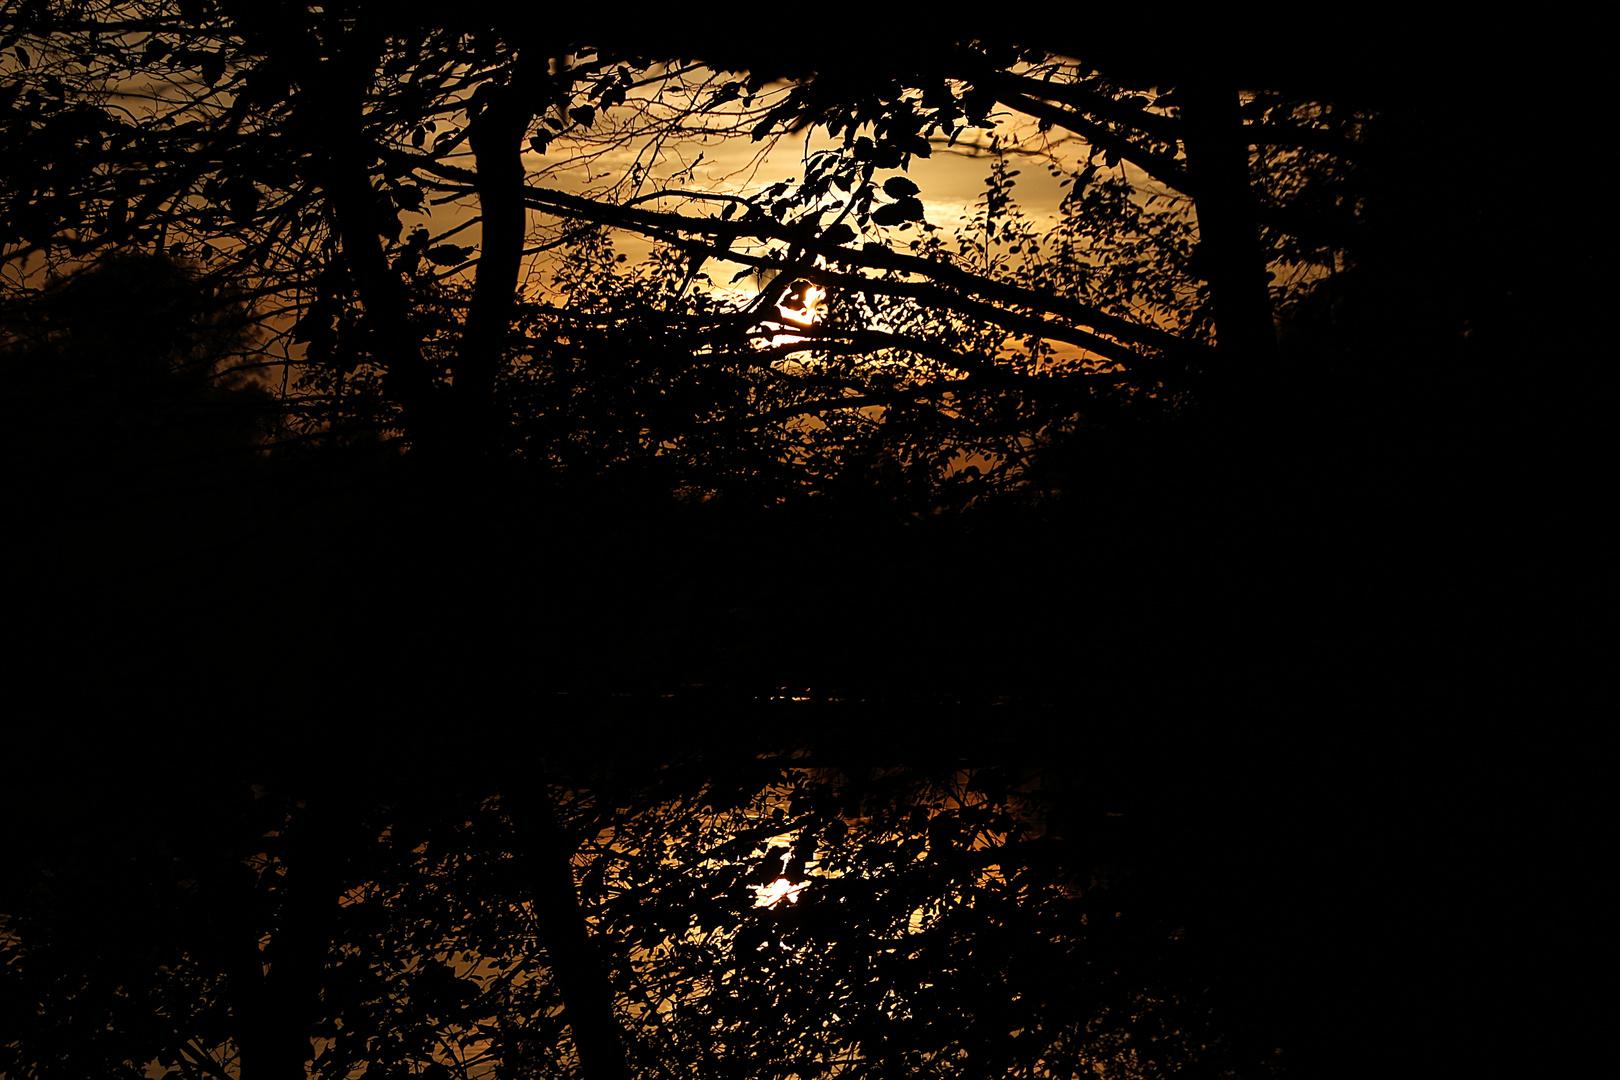 die letzten Sonnenstrahlen durch die Zweige